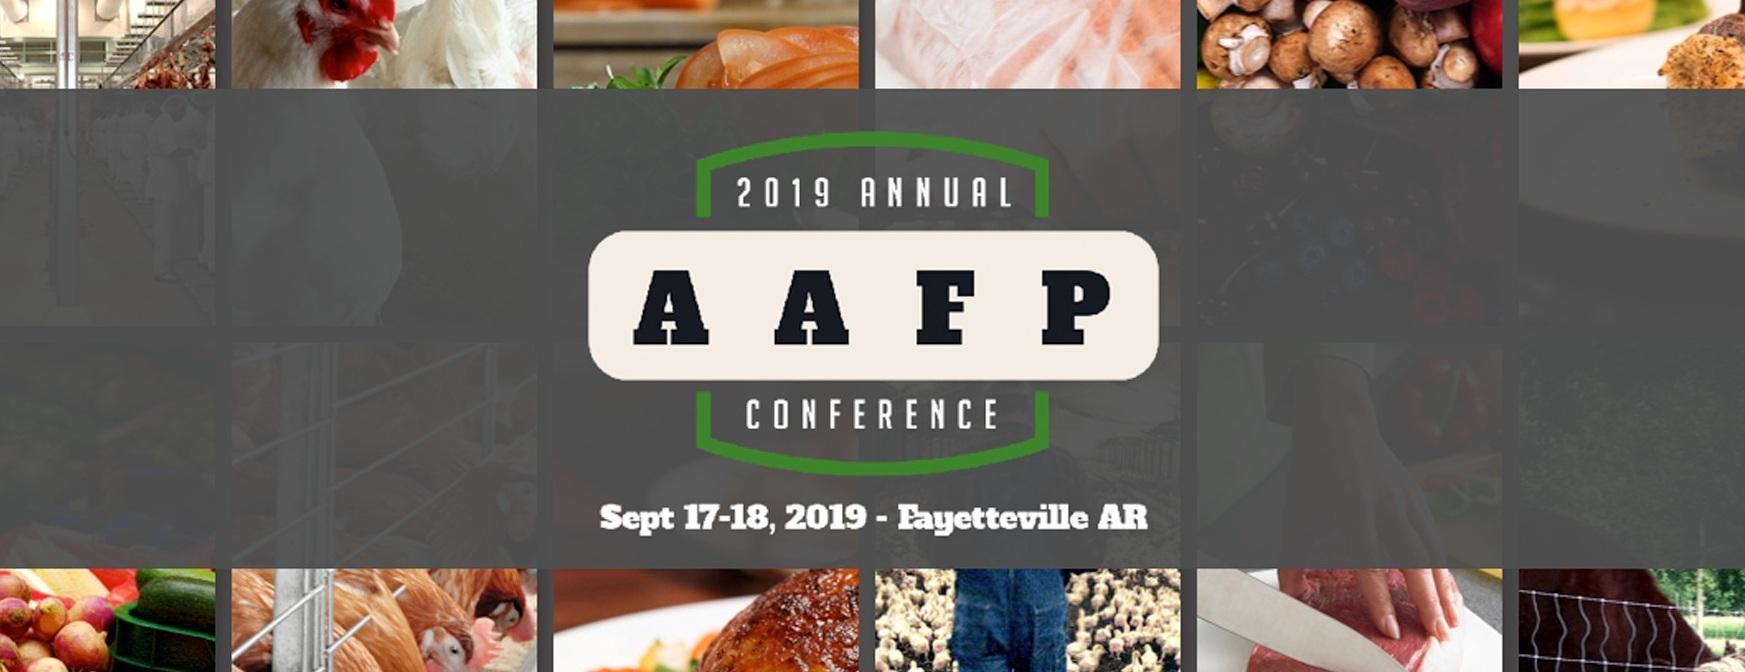 2019-AAFP-Conf-Poster_v3.jpg